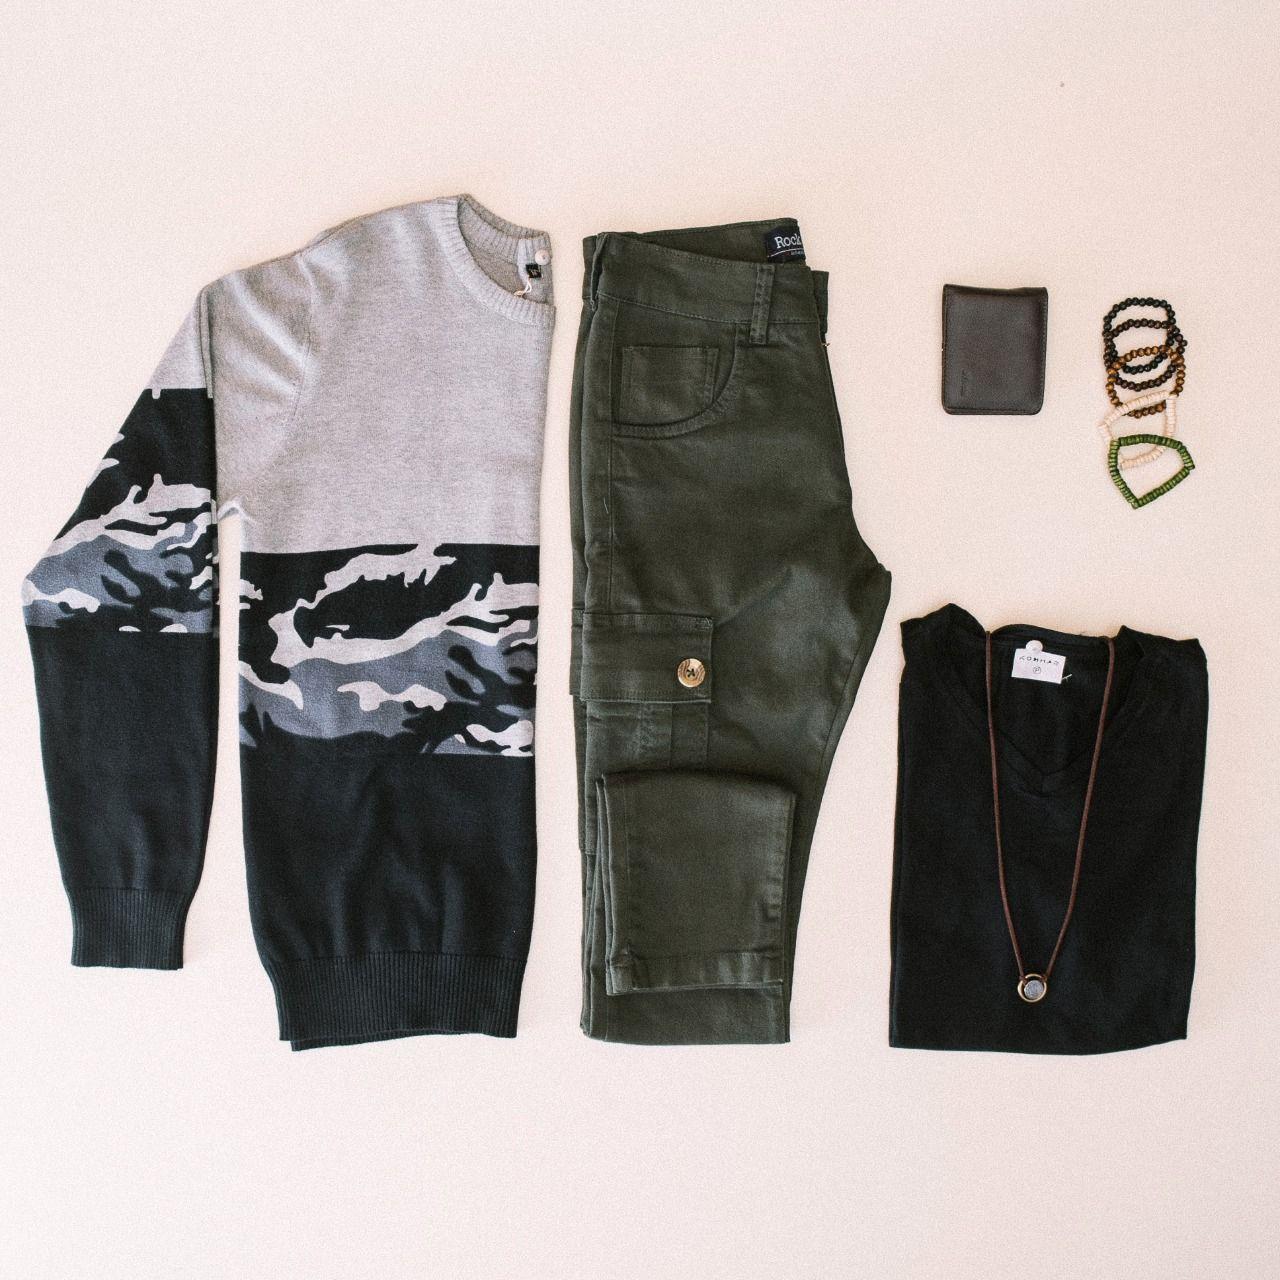 👮 As #LojasTenda sugerem um toque militar em seus looks de inverno como manda o figurino desta temporada. Você pode escolher um ou vários itens nesse estilo. Gostou da ideia? Aliste-se! #LojasTenda, a sua moda.  #Ipatinga #GovernadorValadares #TeófiloOtoni #MontesClaros #Caratinga #fashion #moda #militar #masculina #acessórios